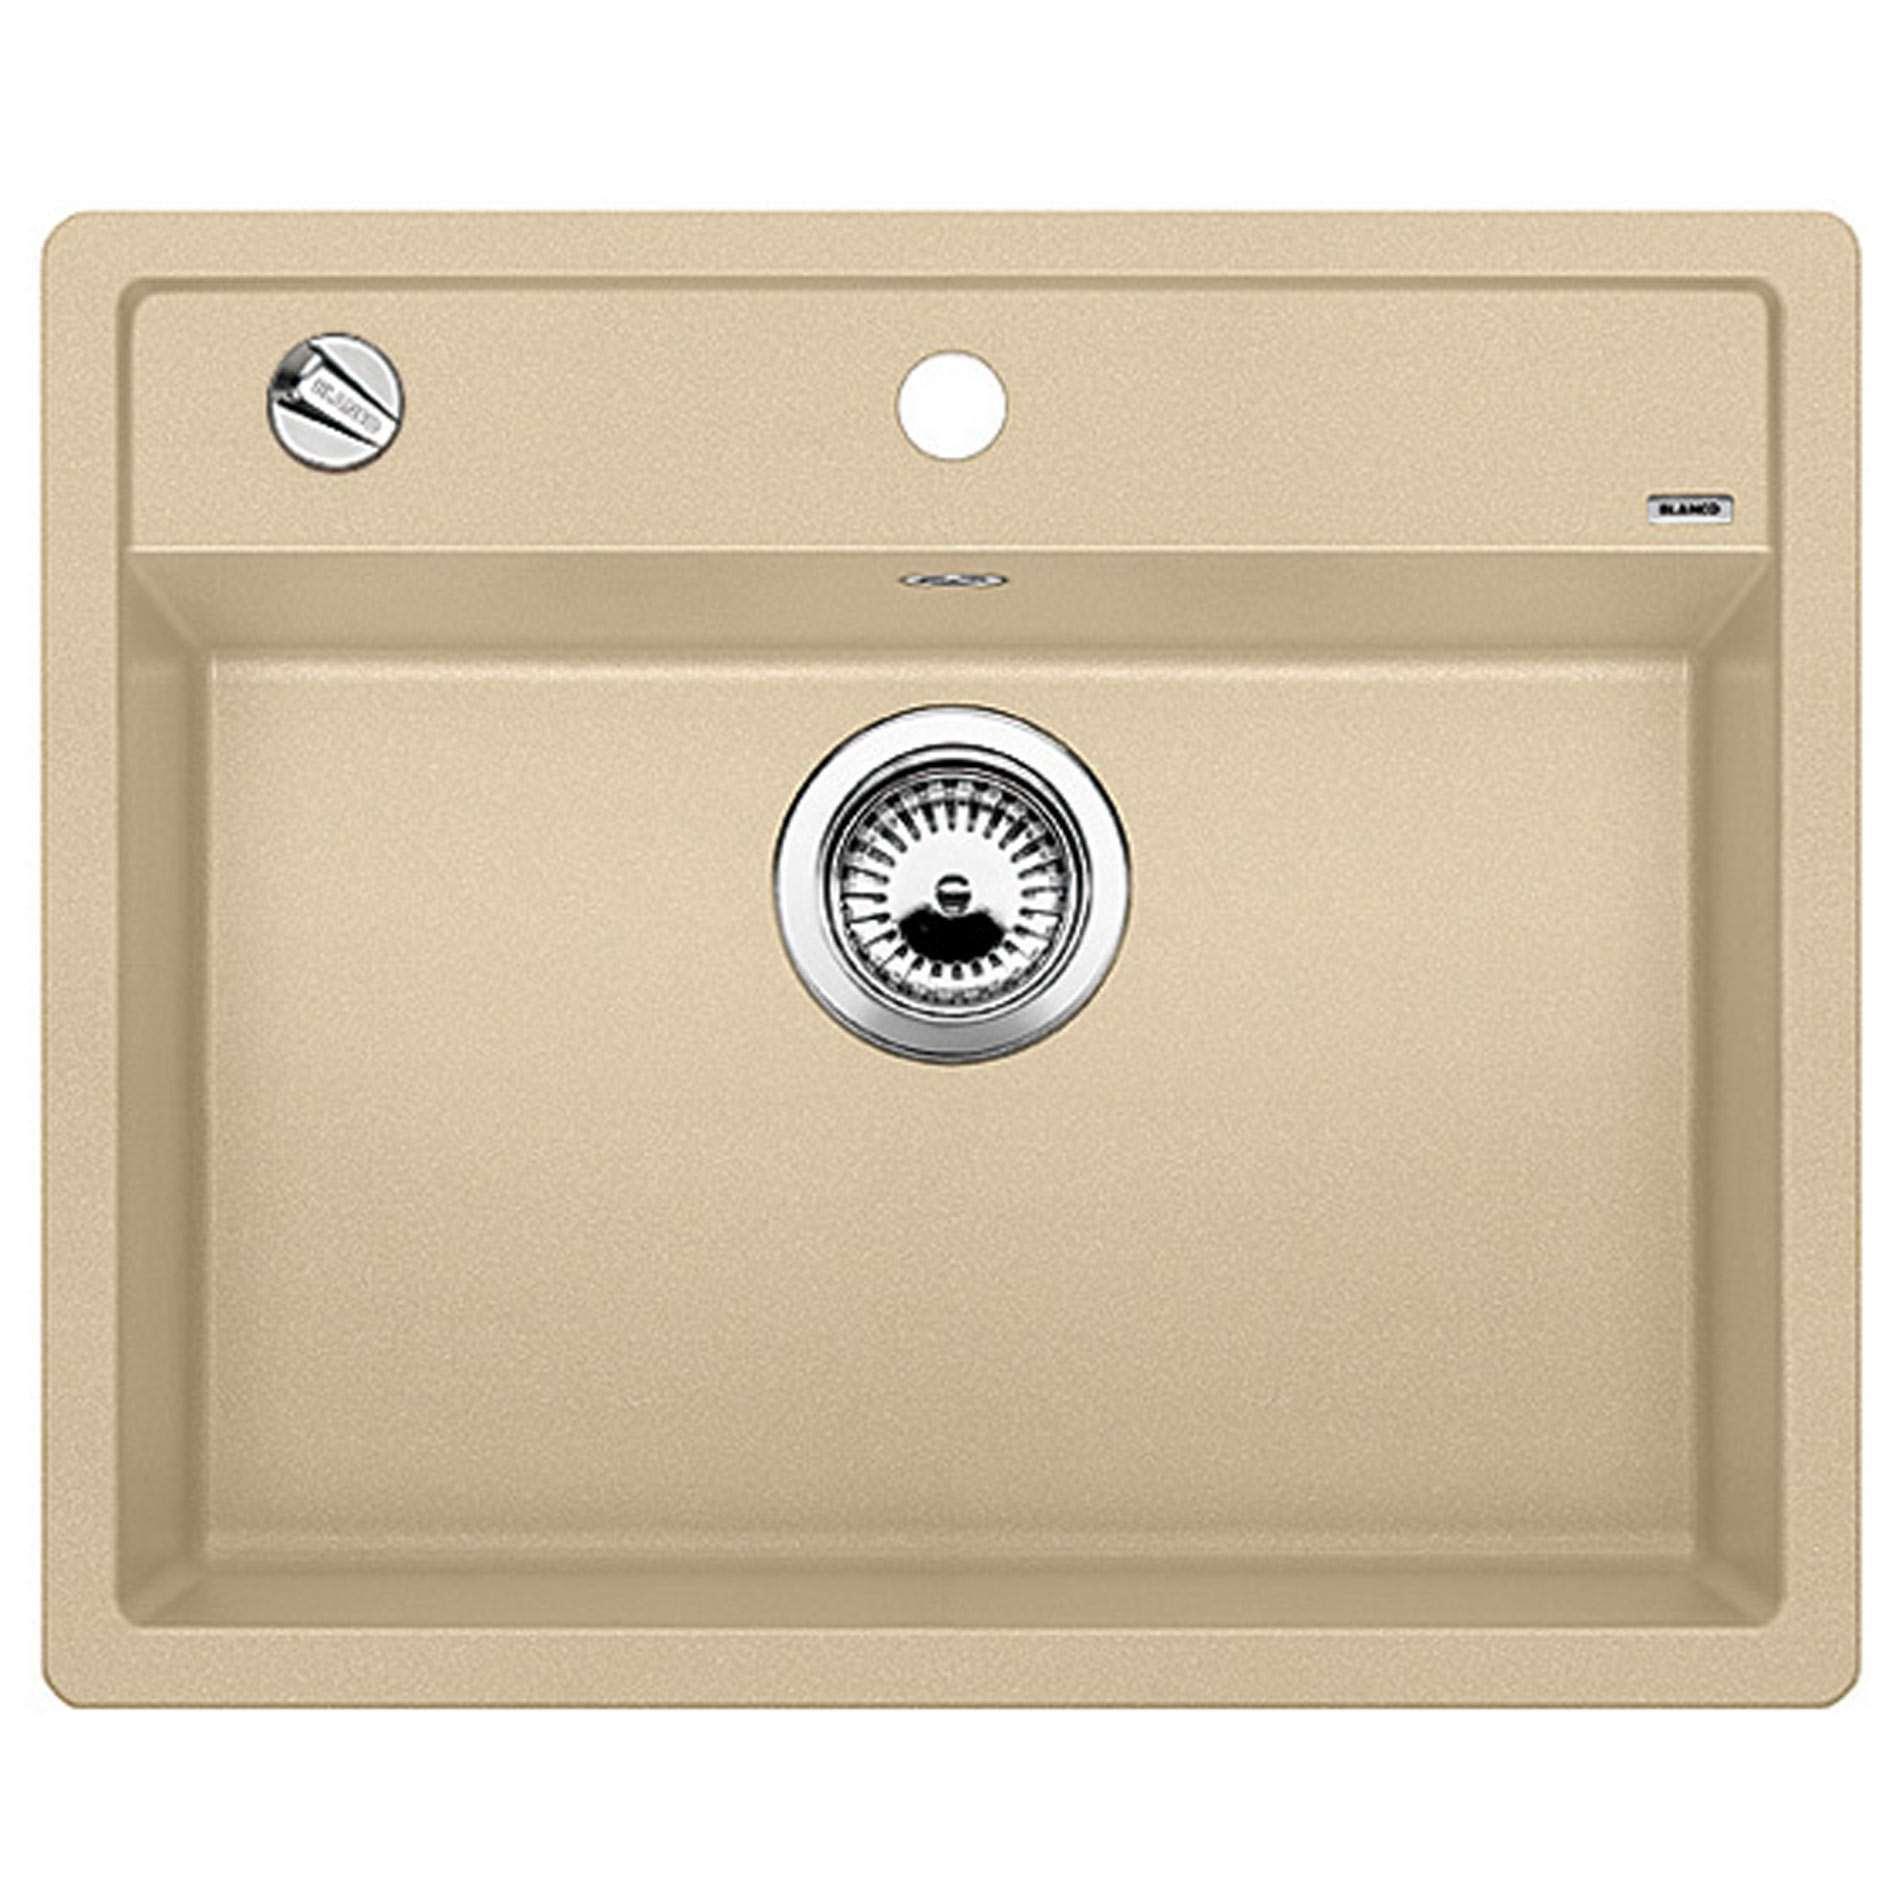 Blanco dalago 6 champagne silgranit sink kitchen sinks for German kitchen sink brands